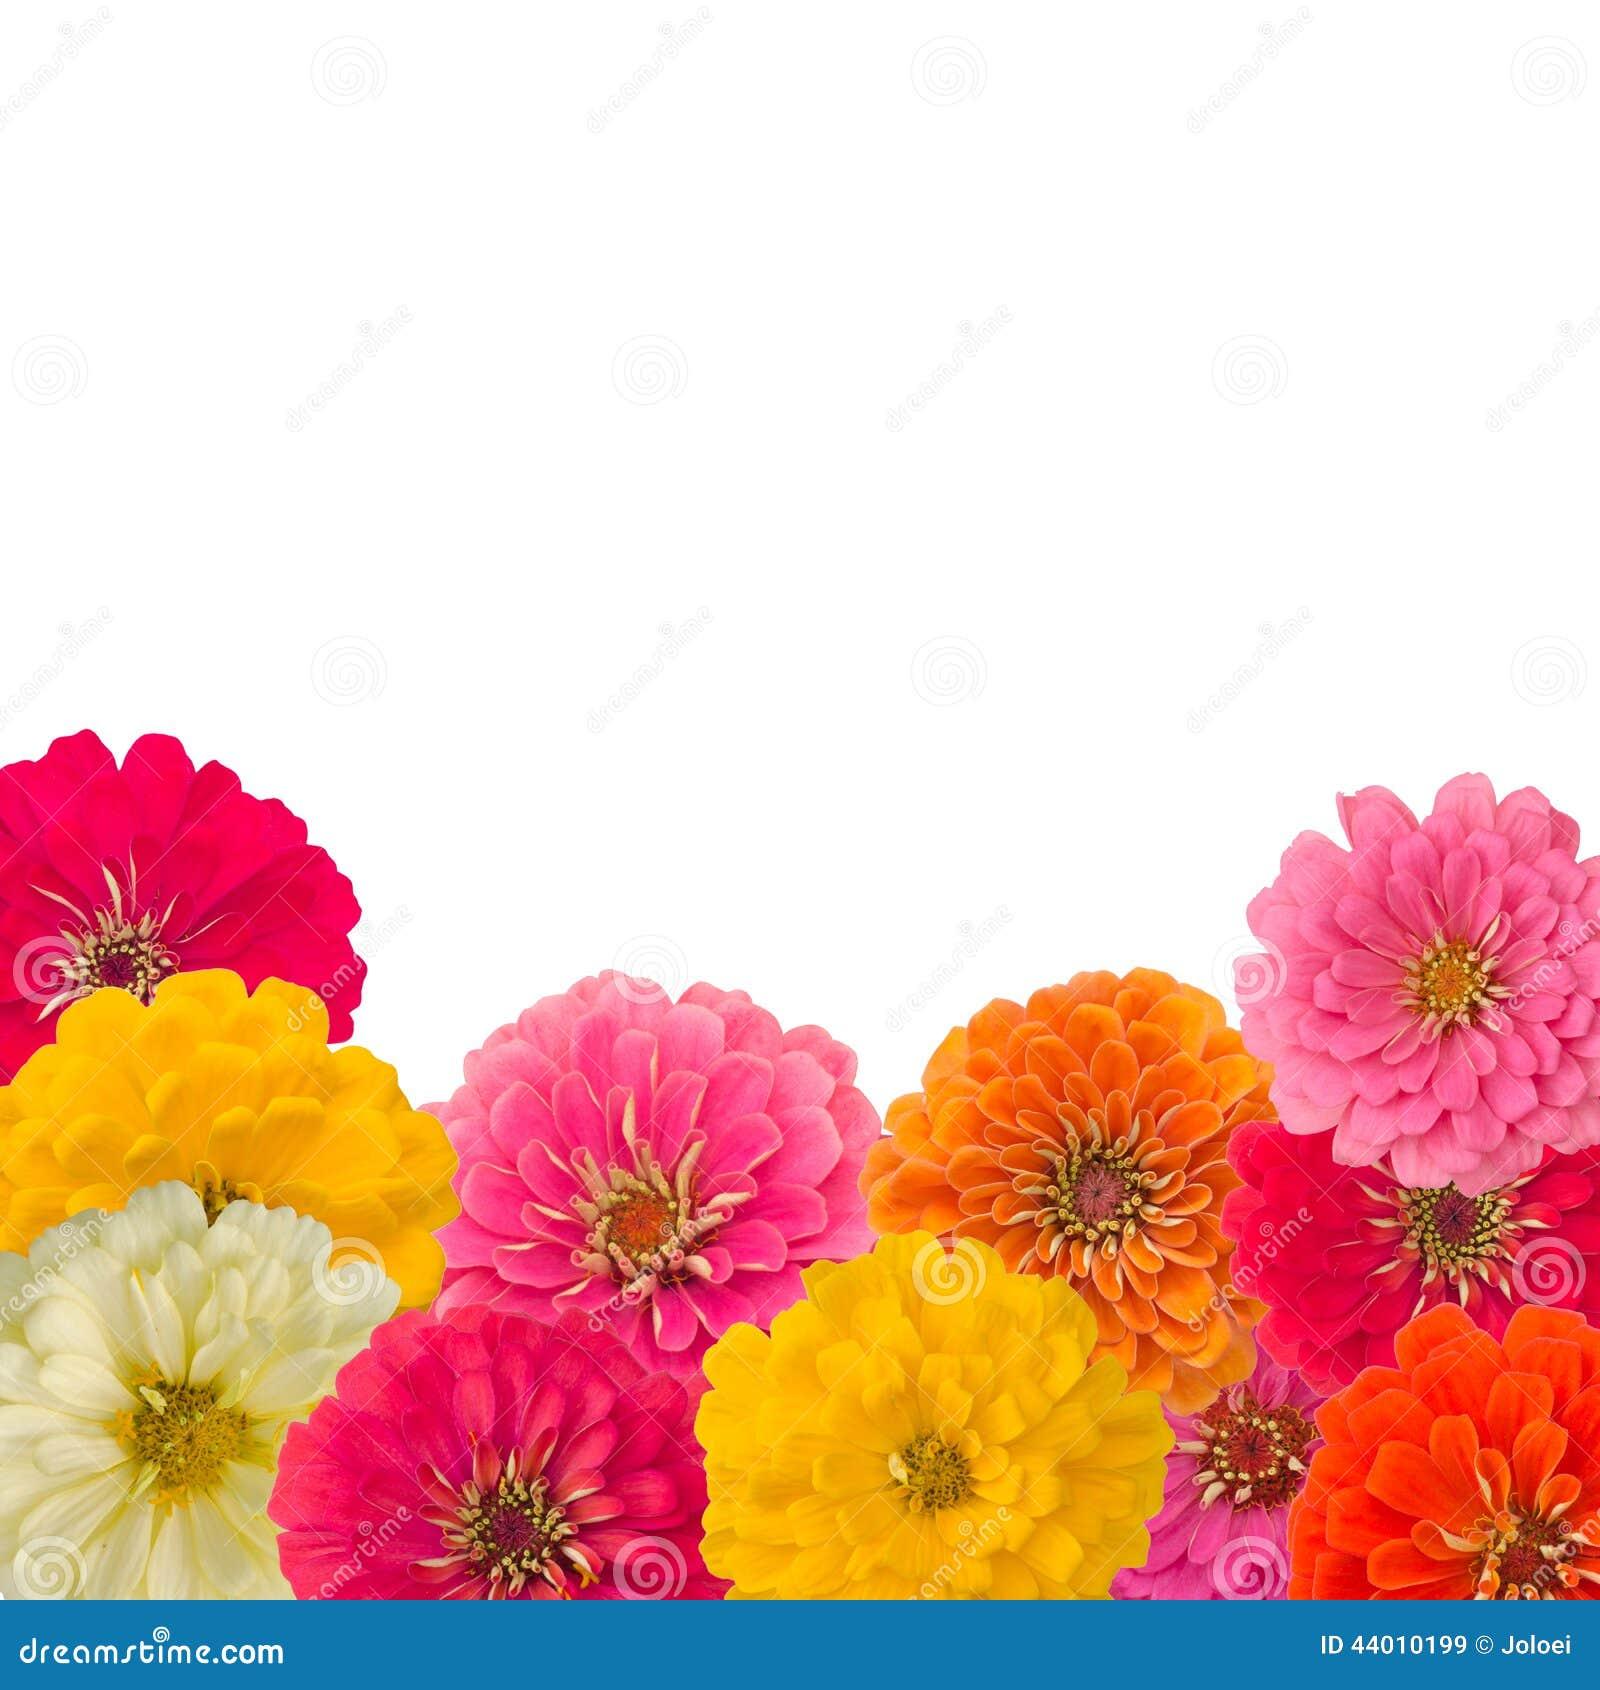 Kader van bloem Zinnias